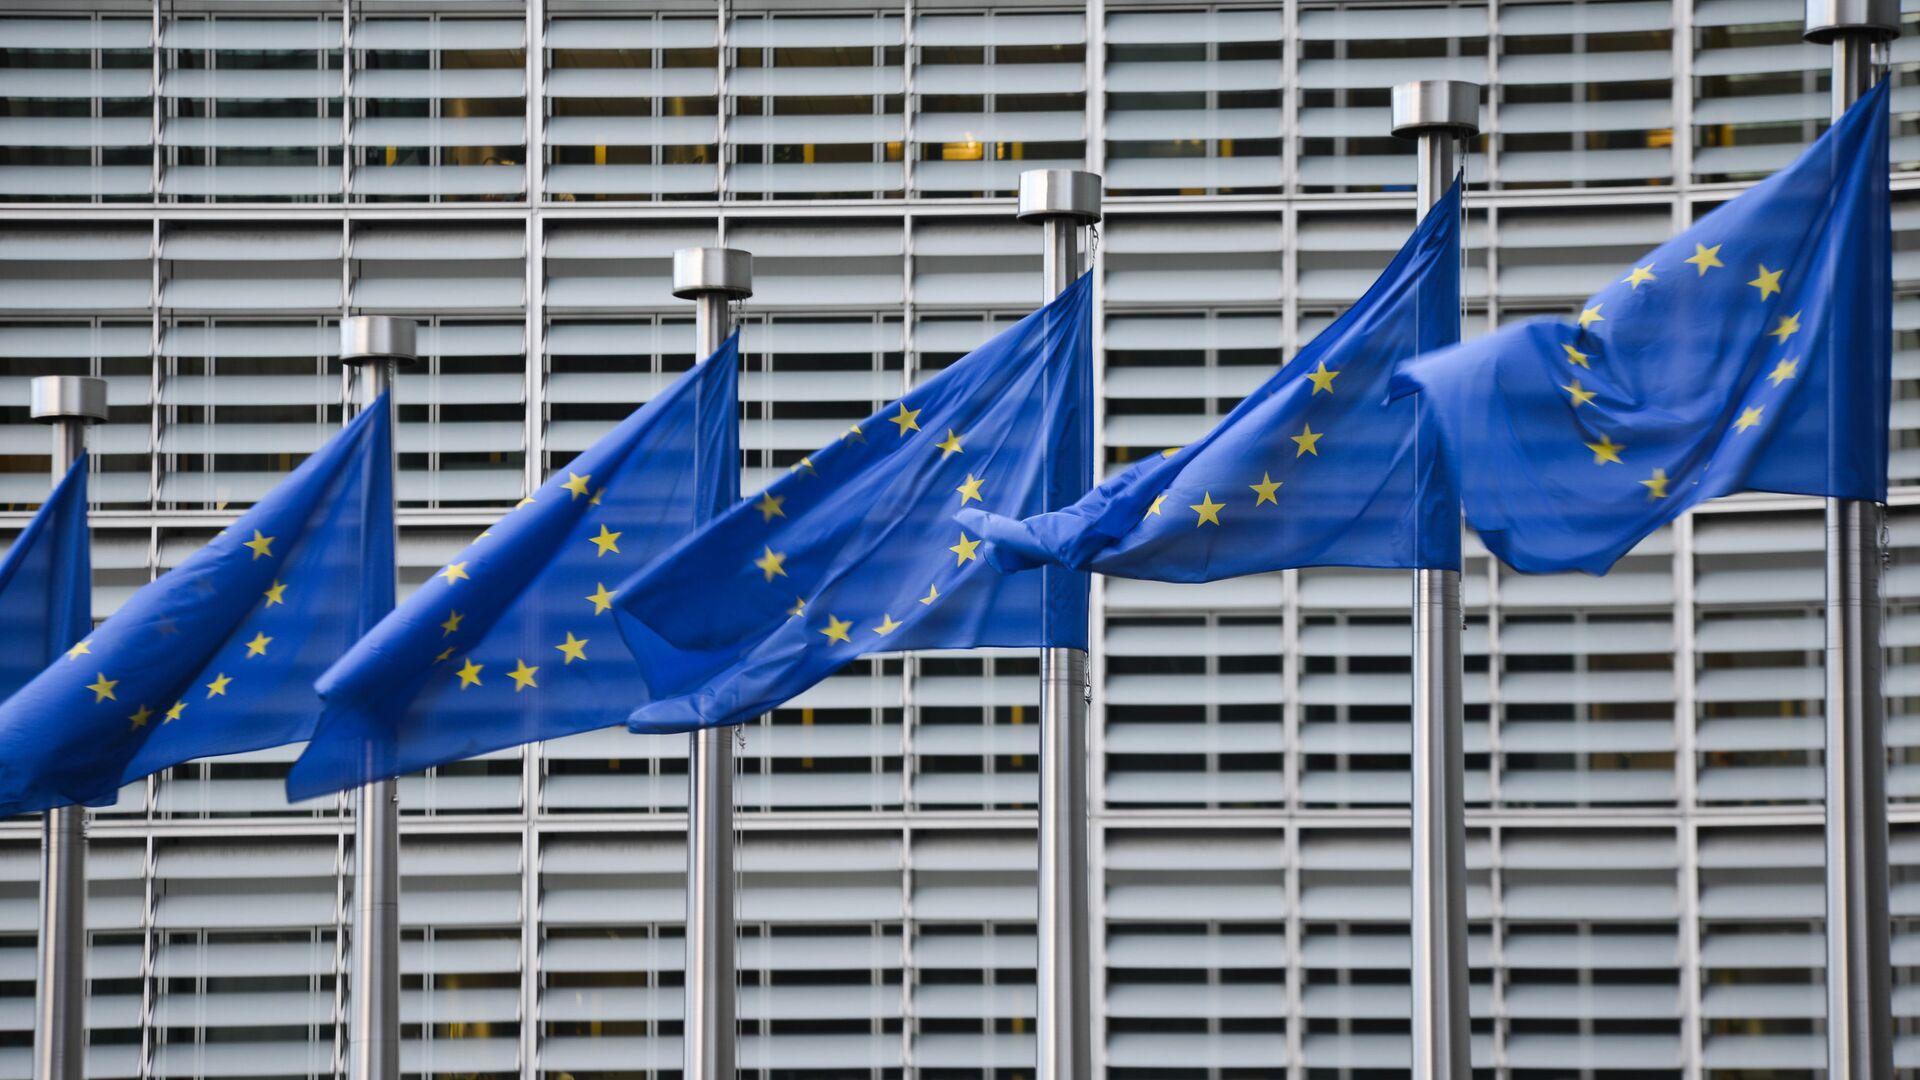 Zastave Evropske unije ispred sedišta Evropske komisije u Briselu - Sputnik Srbija, 1920, 07.09.2021